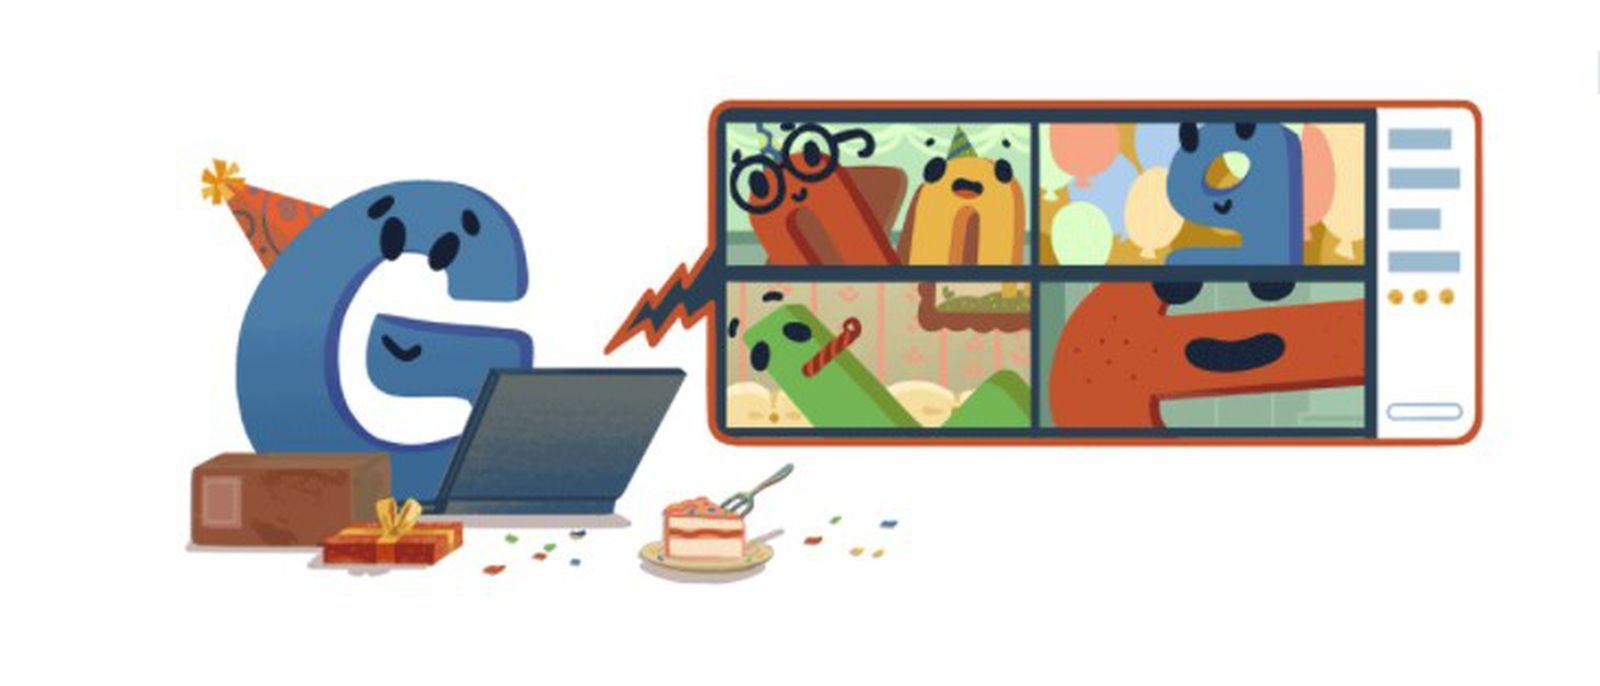 Največji spletni iskalnik Google vsako sekundo prejme več kot 40 tisoč poizvedb.